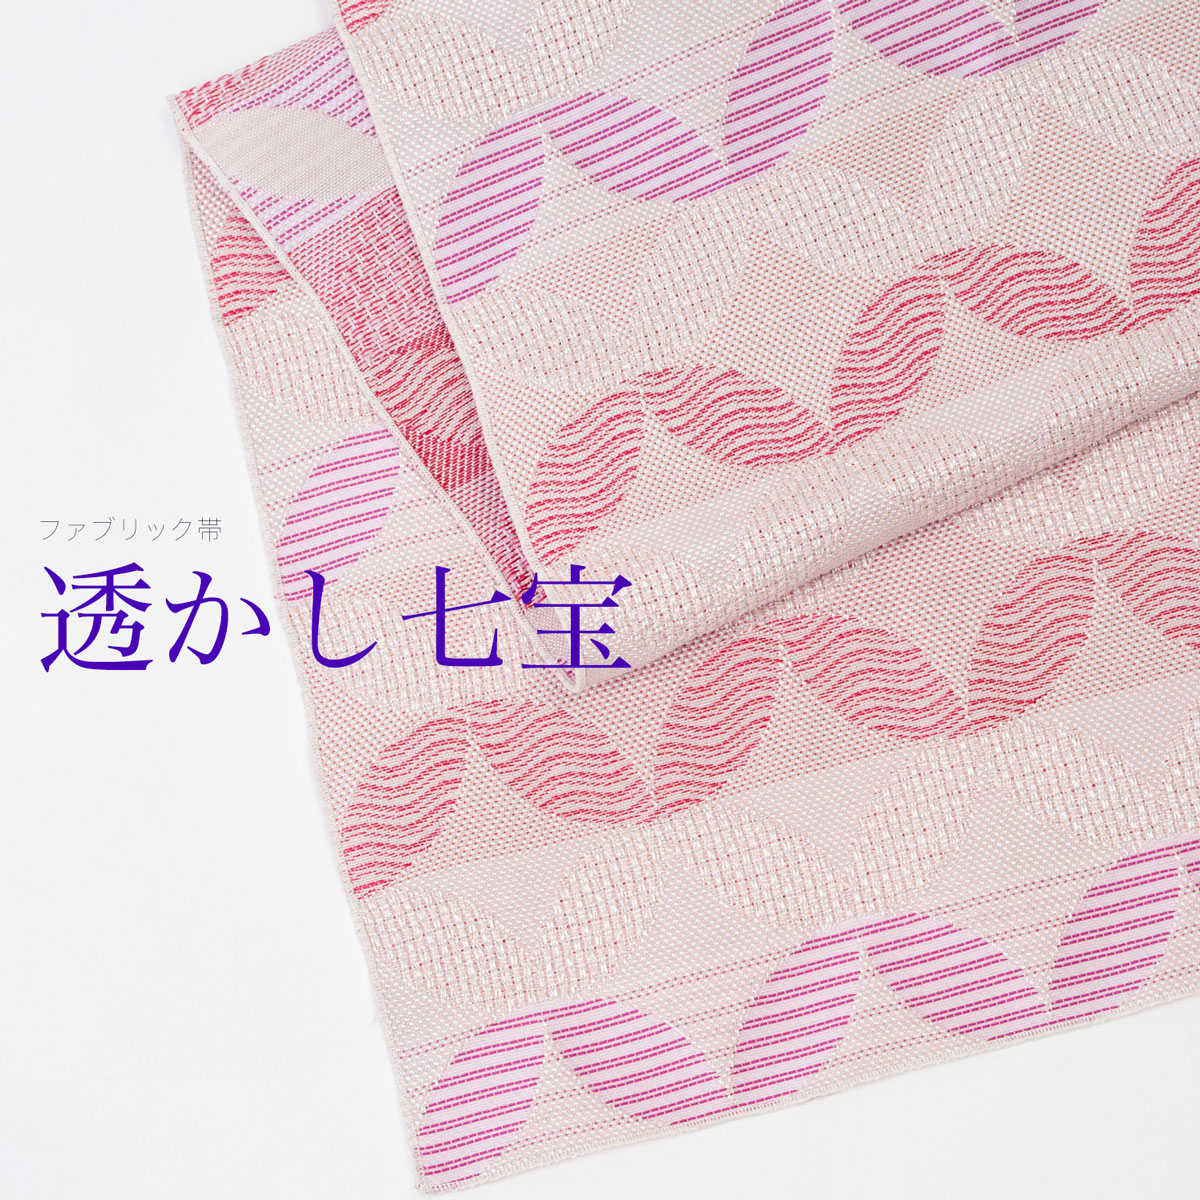 ファブリック帯【透かし七宝】プラム